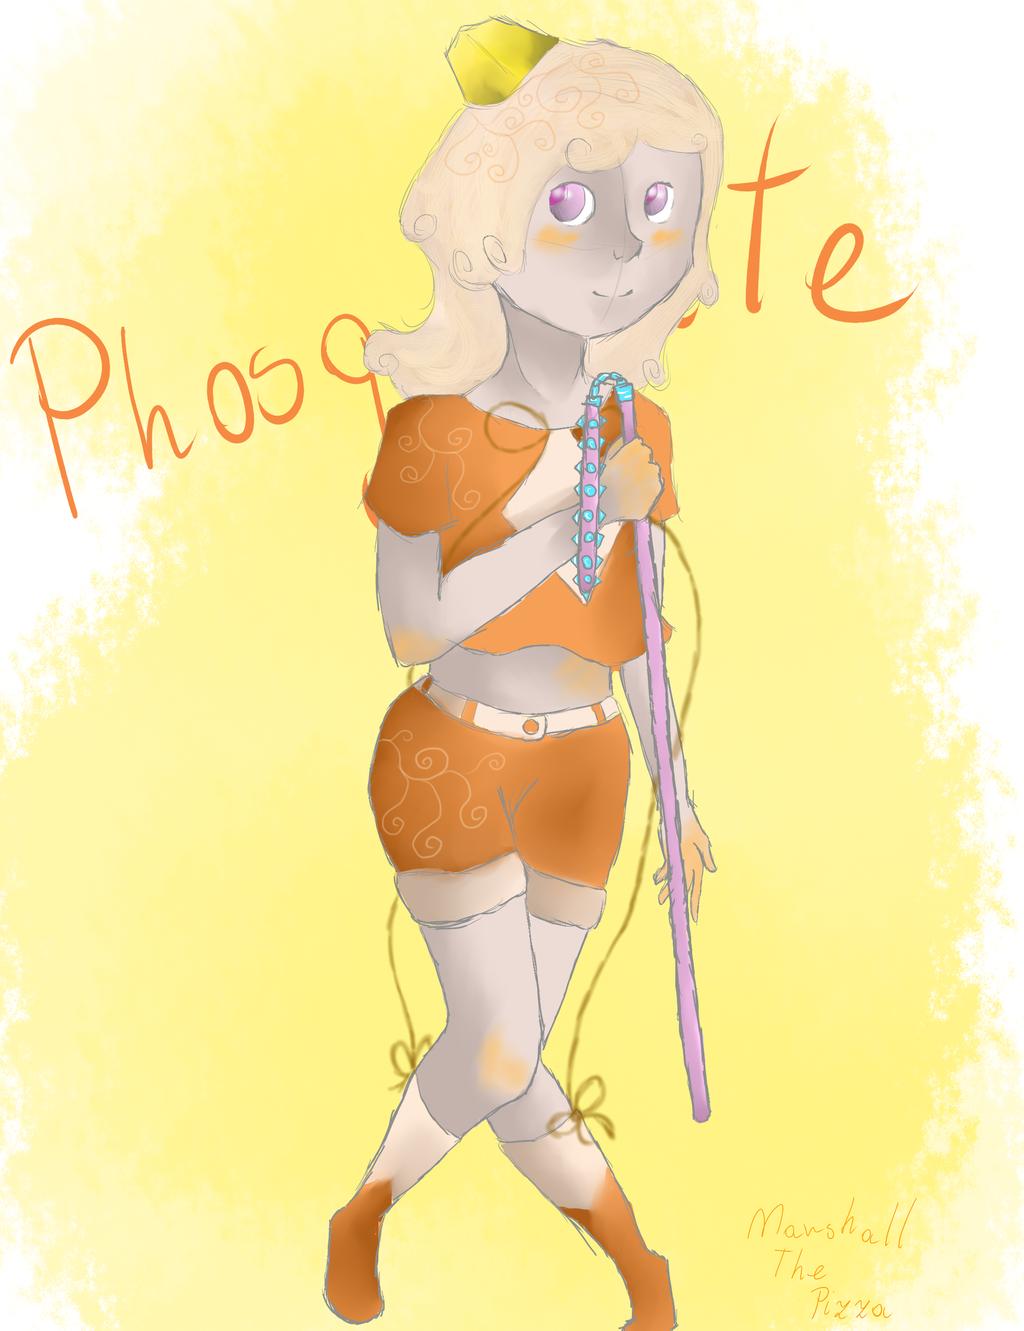 Phosgenite by MarshallThePizza